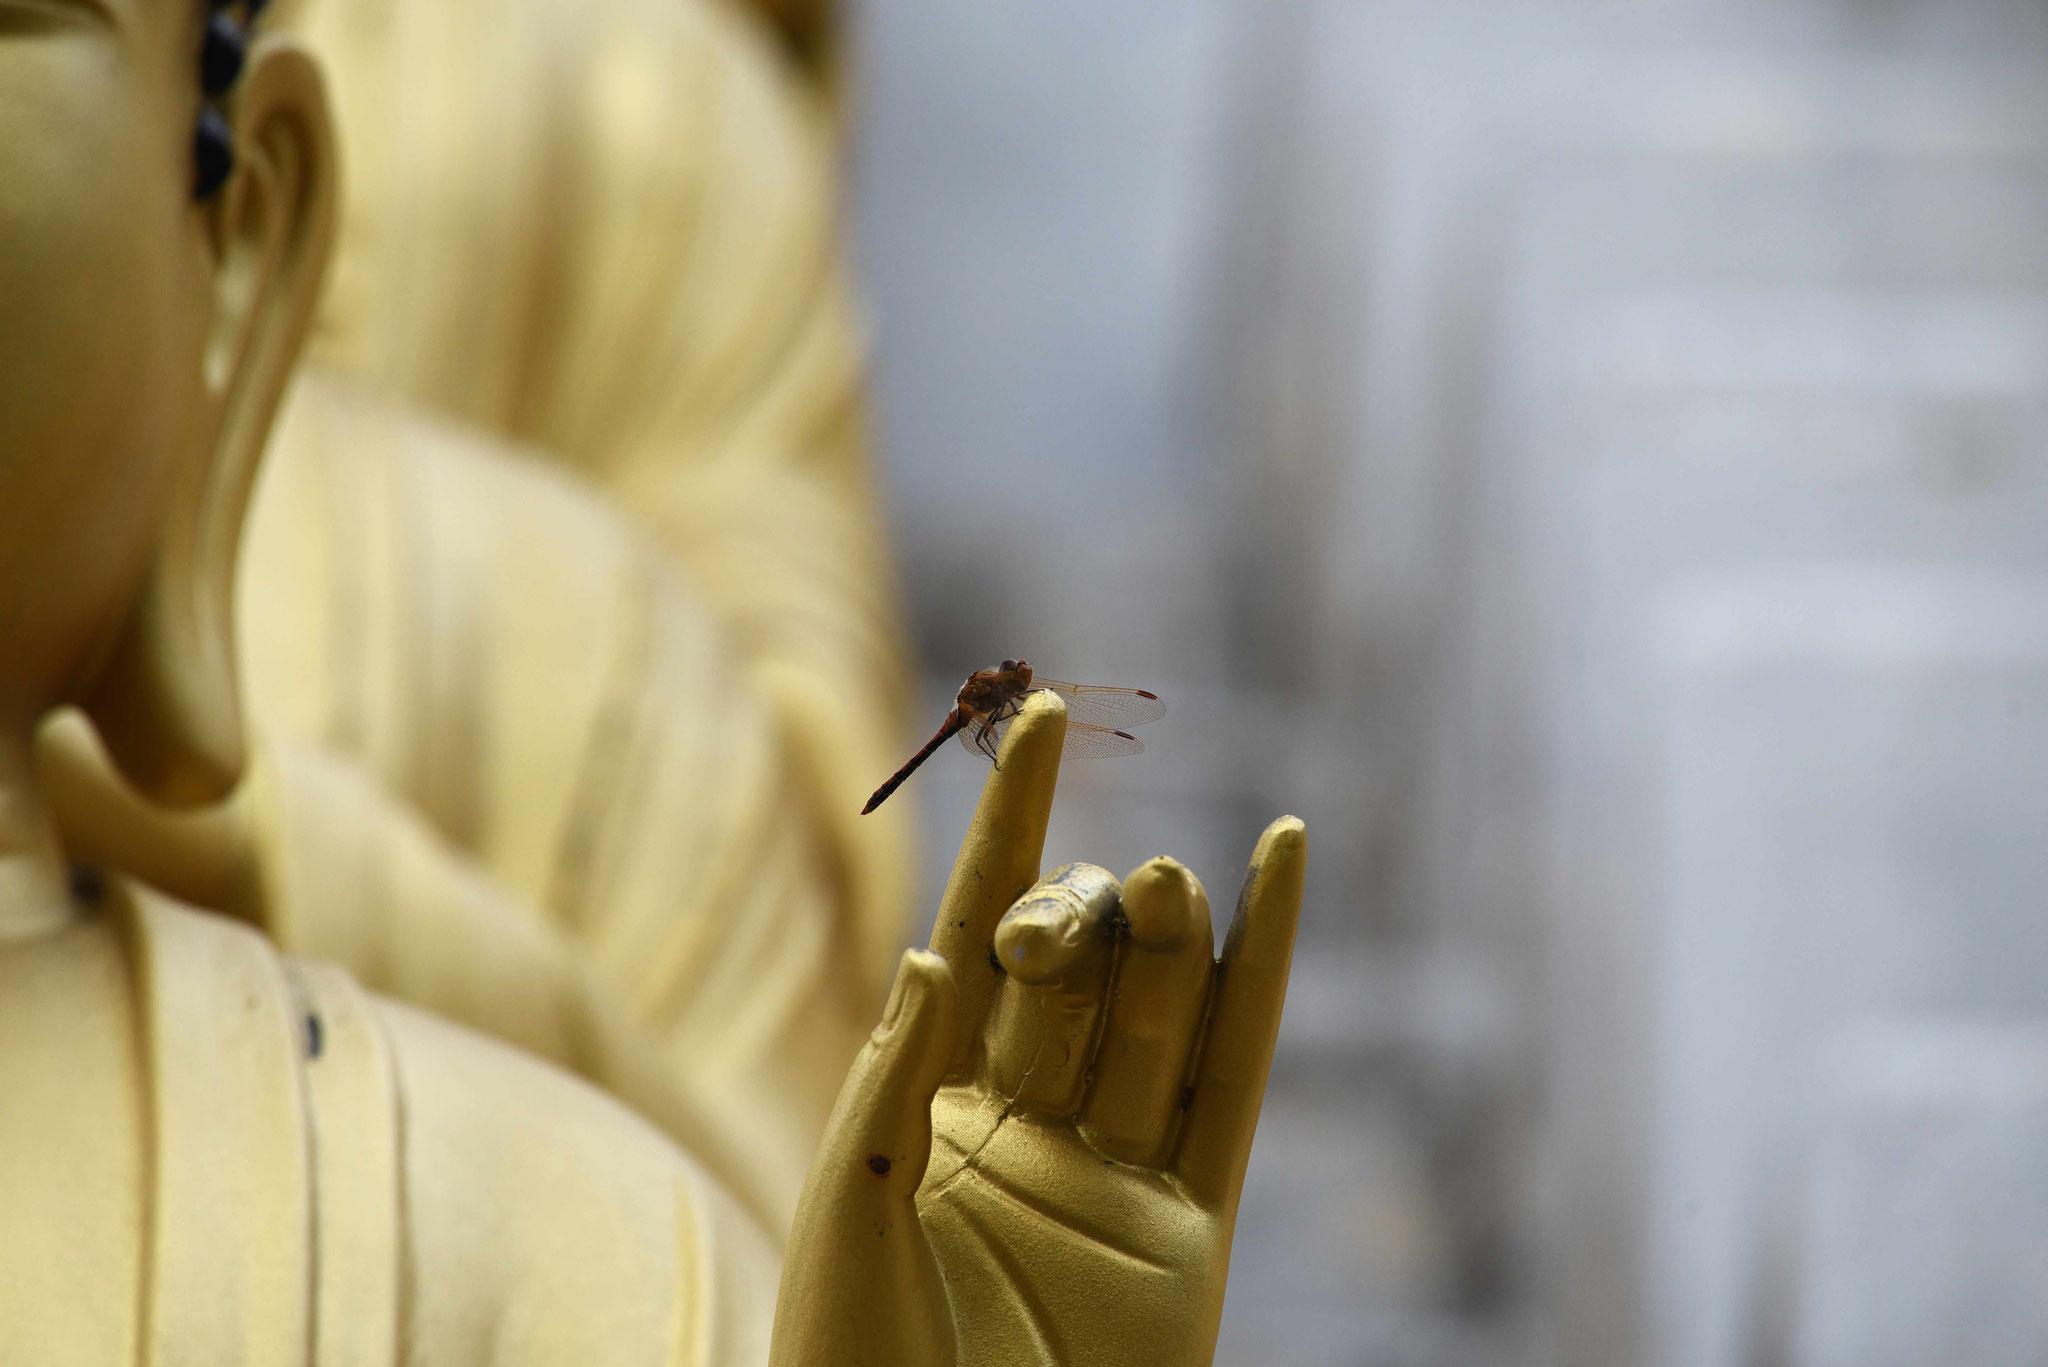 Libelle auf einem Finger - ein Fingerzeig?